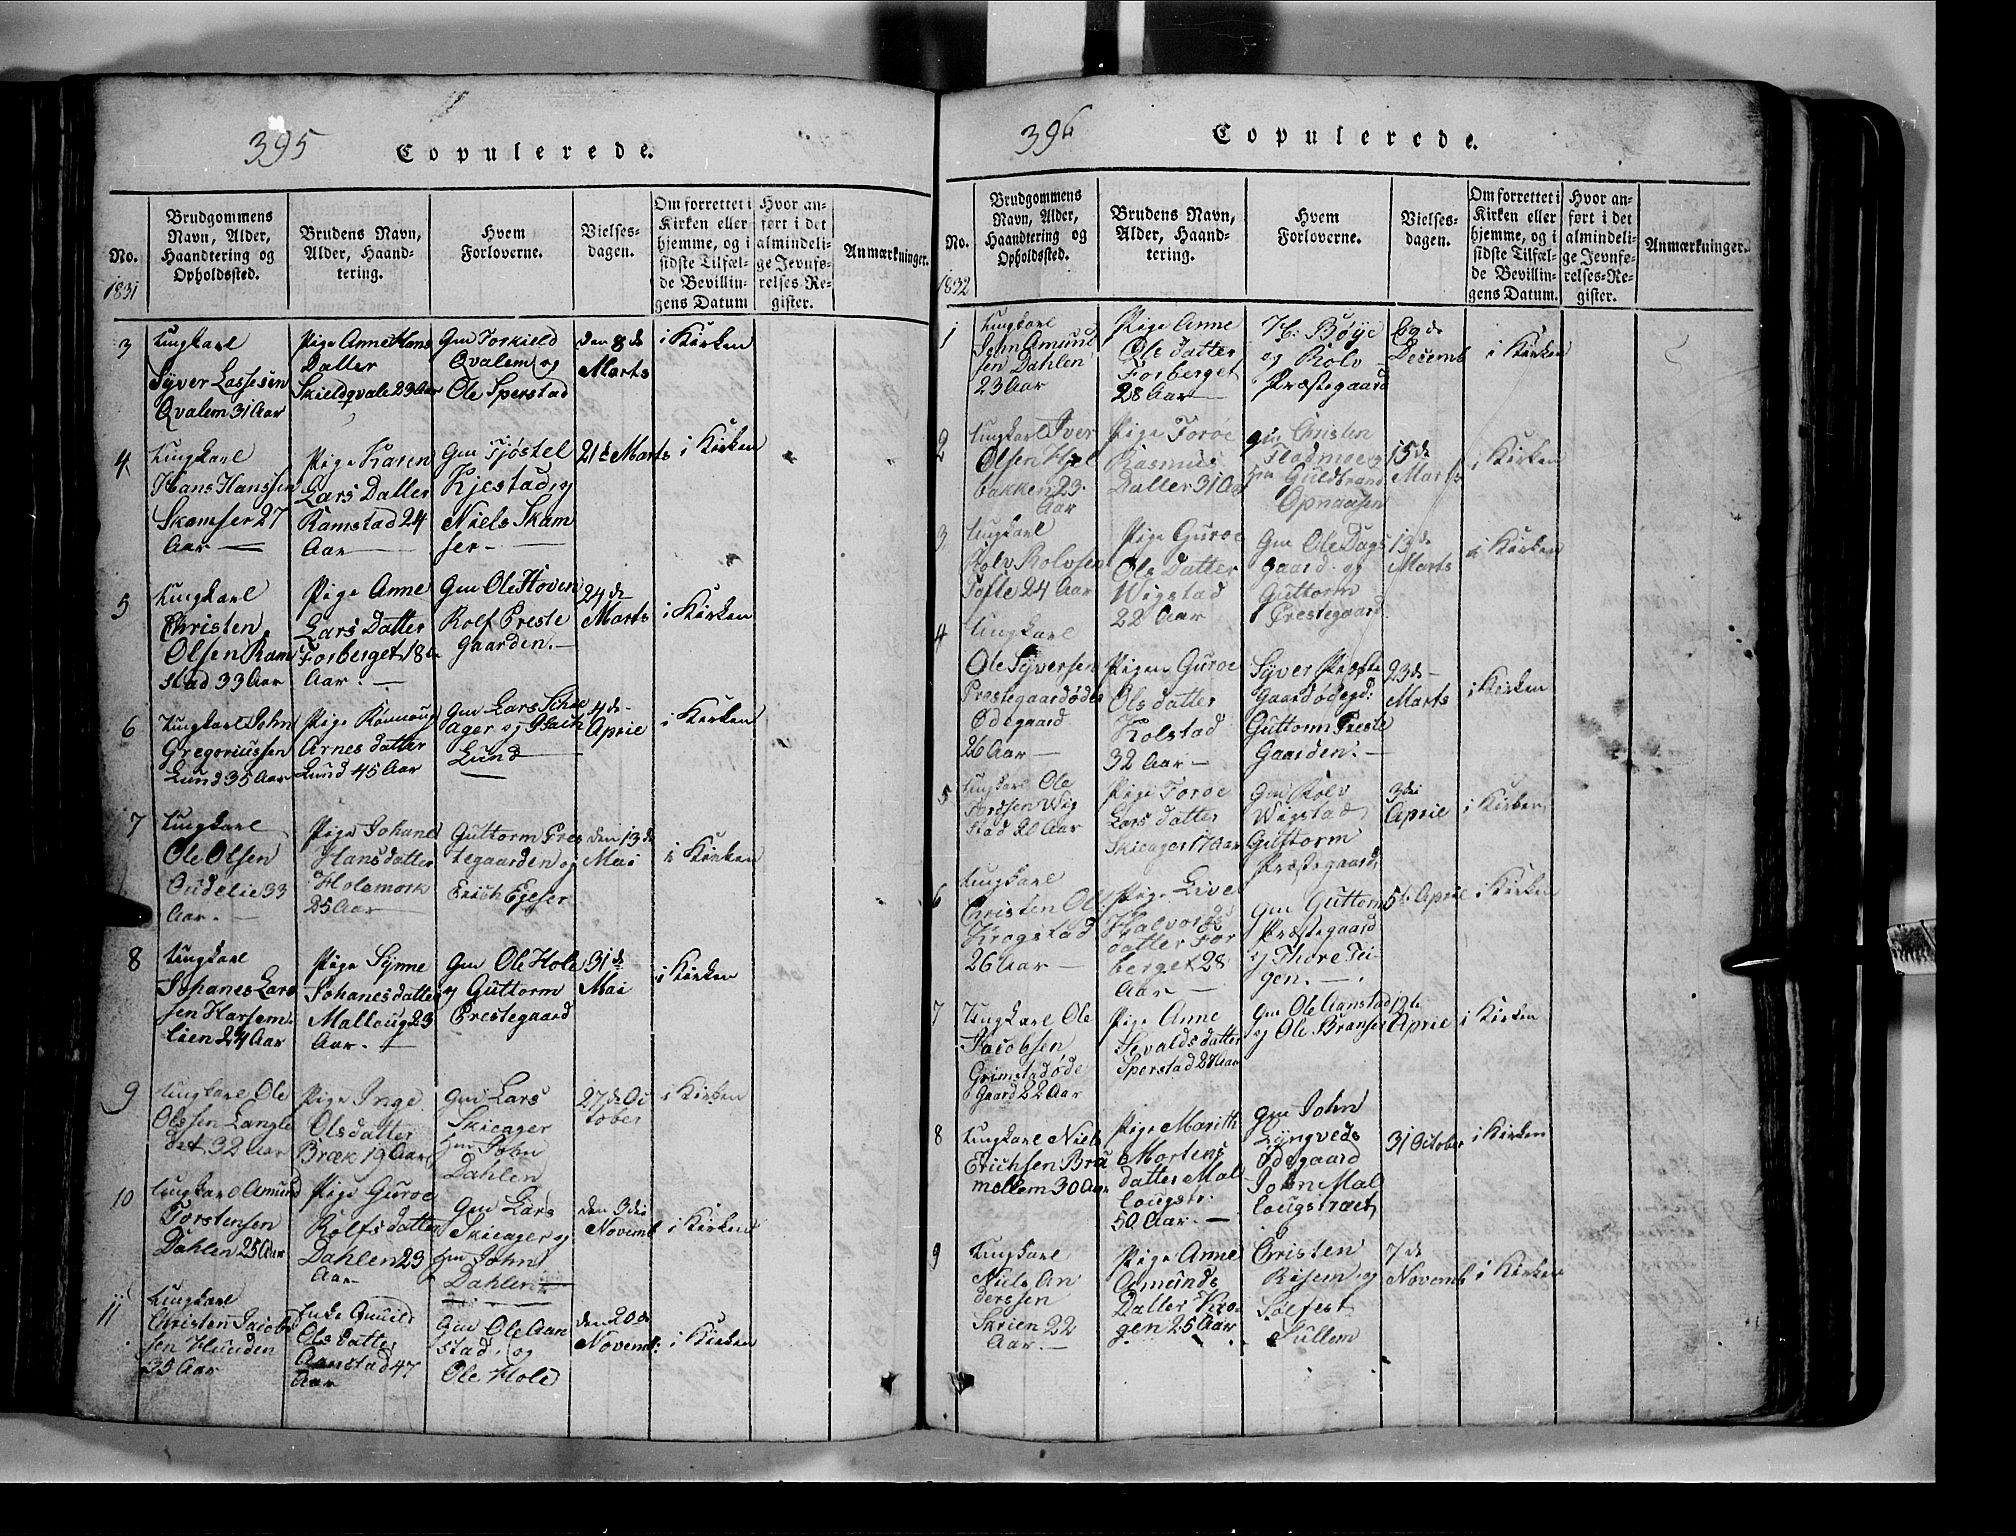 SAH, Lom prestekontor, L/L0003: Klokkerbok nr. 3, 1815-1844, s. 395-396